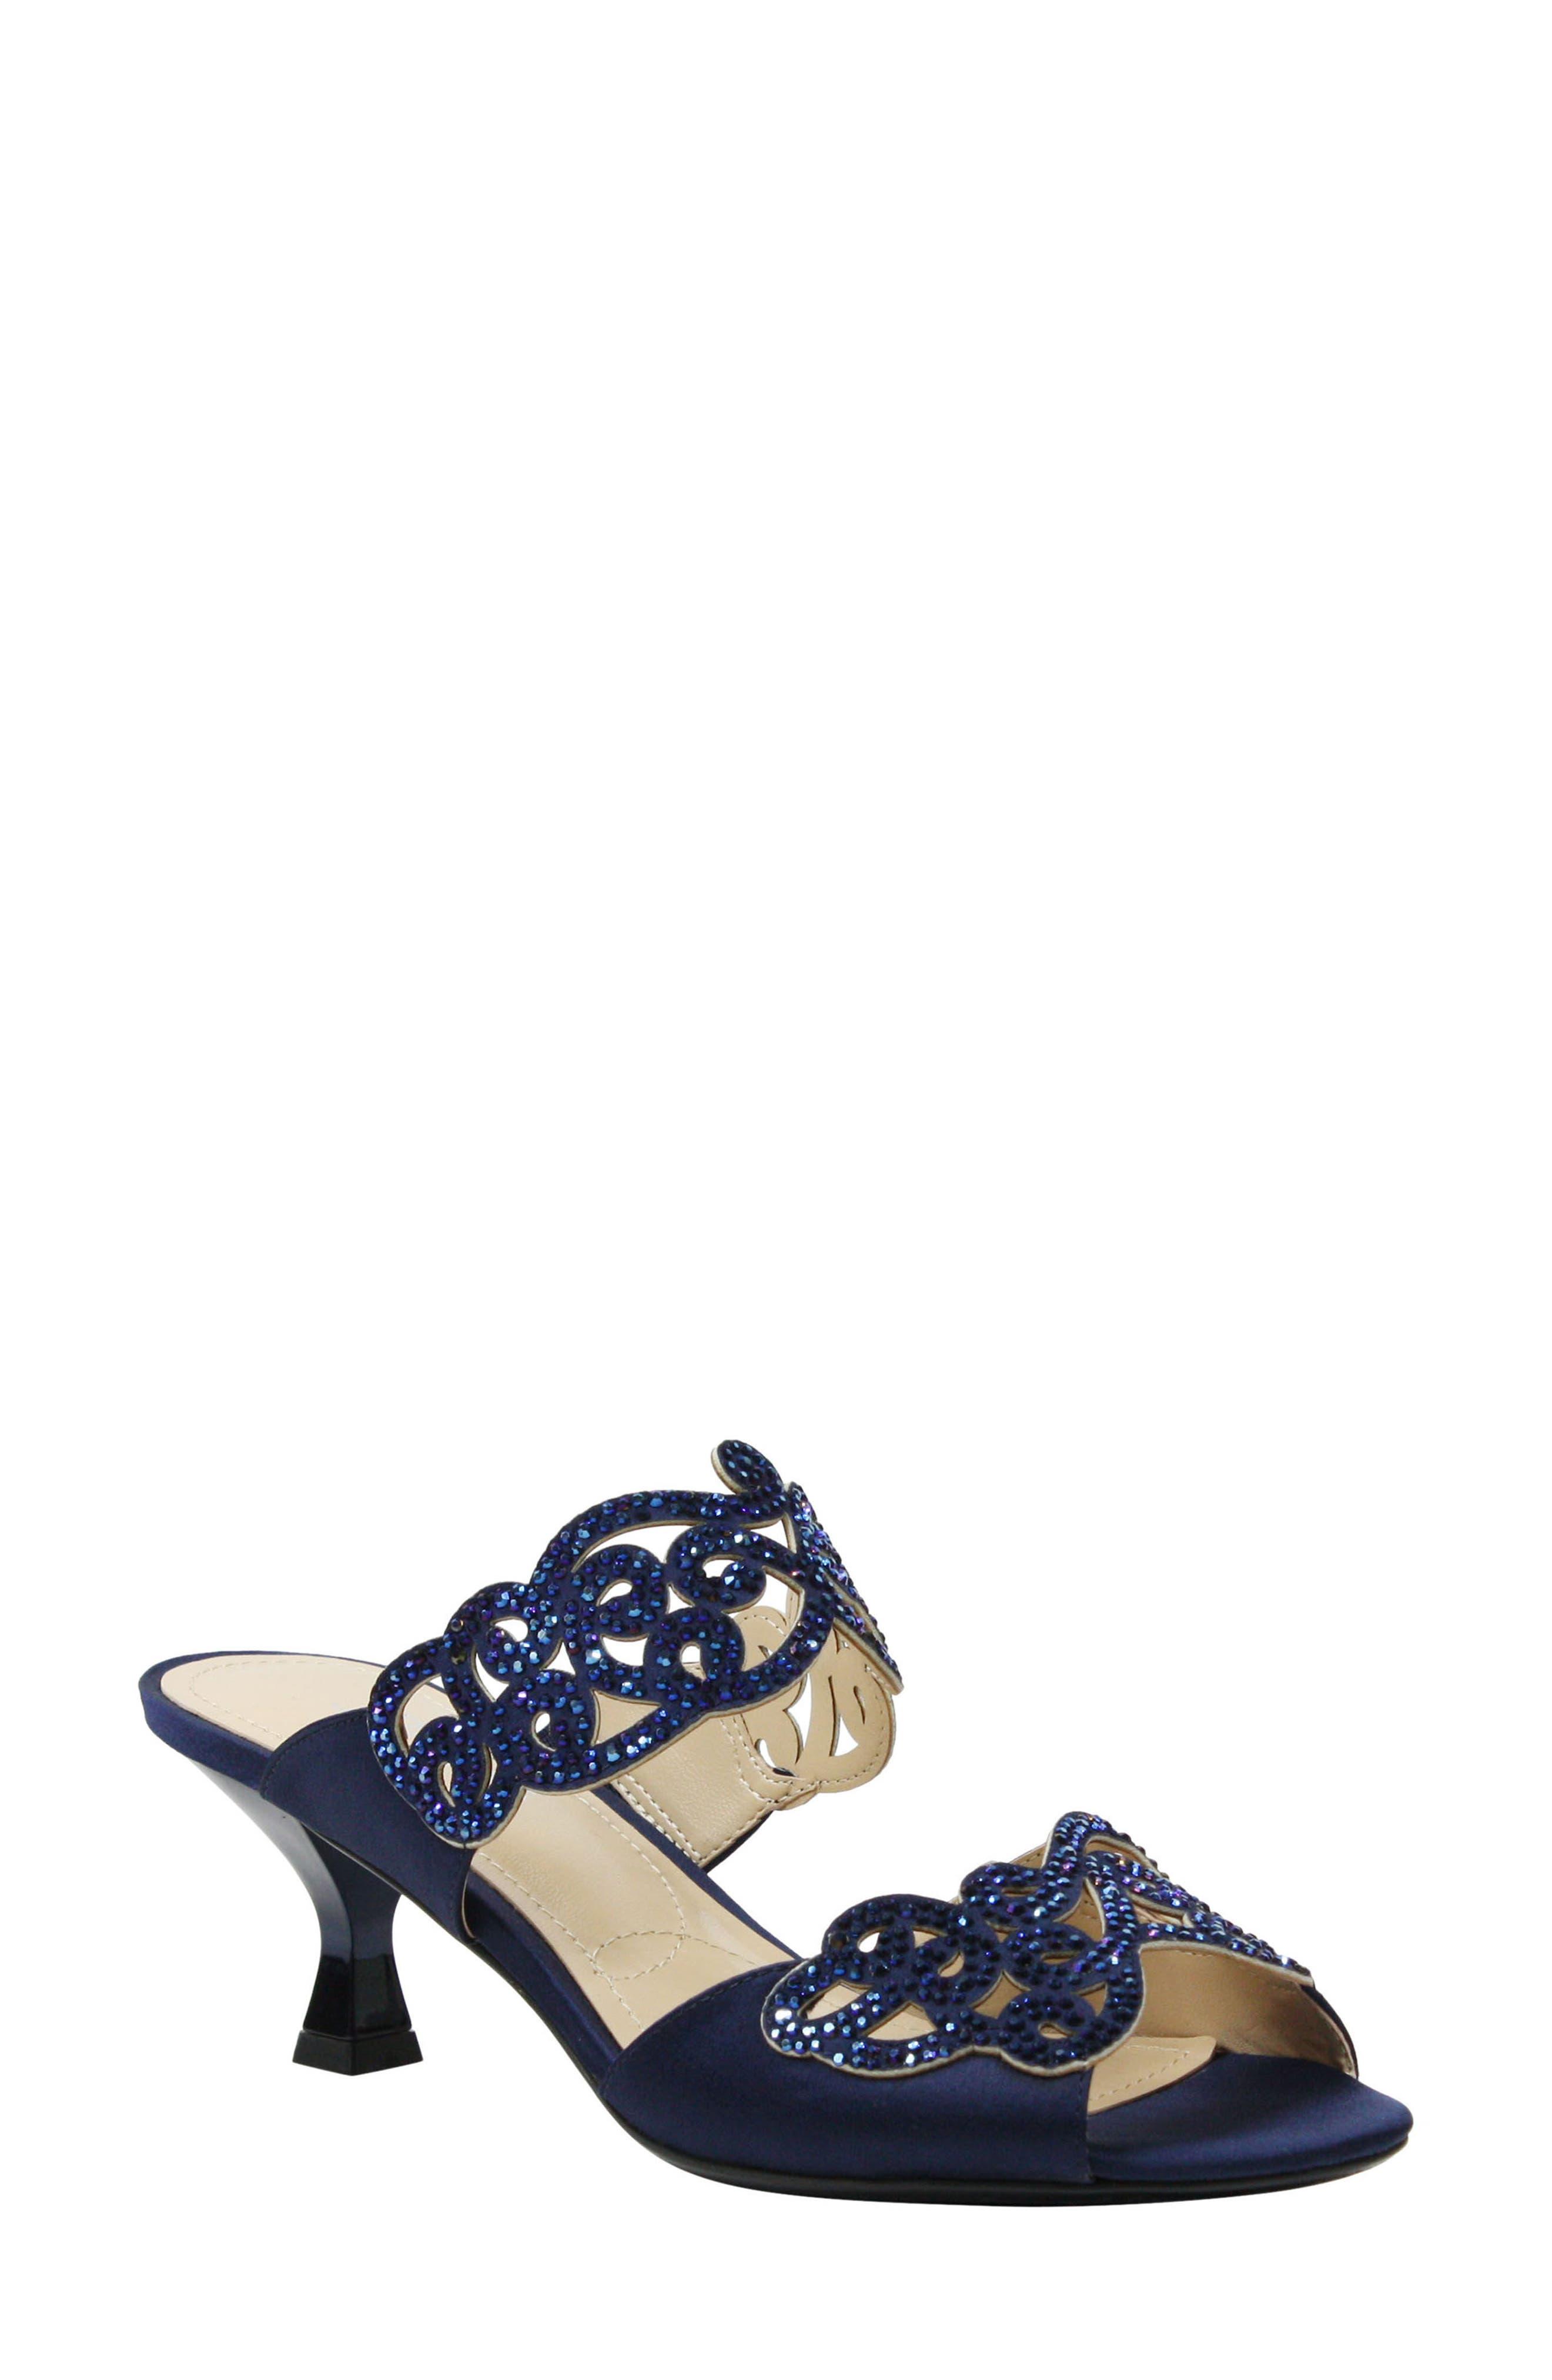 'Francie' Evening Sandal